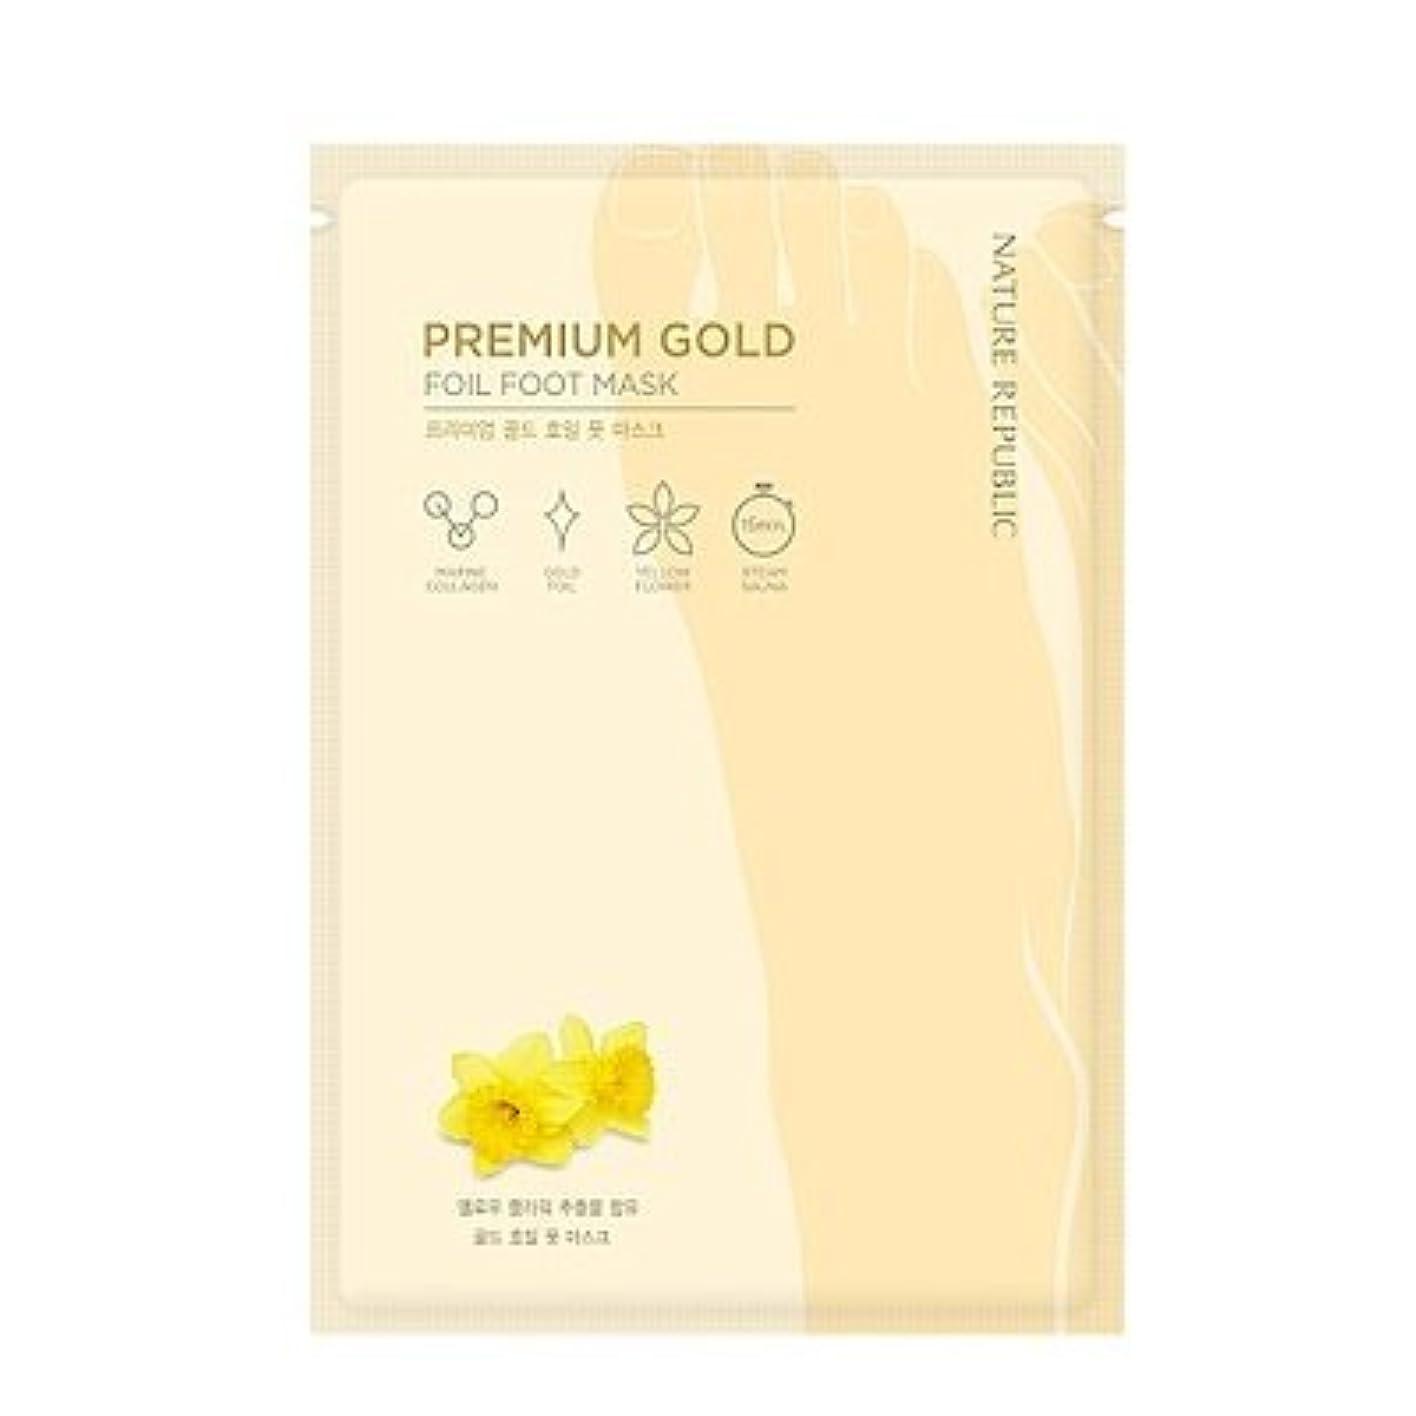 回転させるアストロラーベ怠NATURE REPUBLIC Premium Gold Foil Foot Mask(3EA) / ネイチャーリパブリックプレミアムゴールドホイルフットマスク(3枚) [並行輸入品]